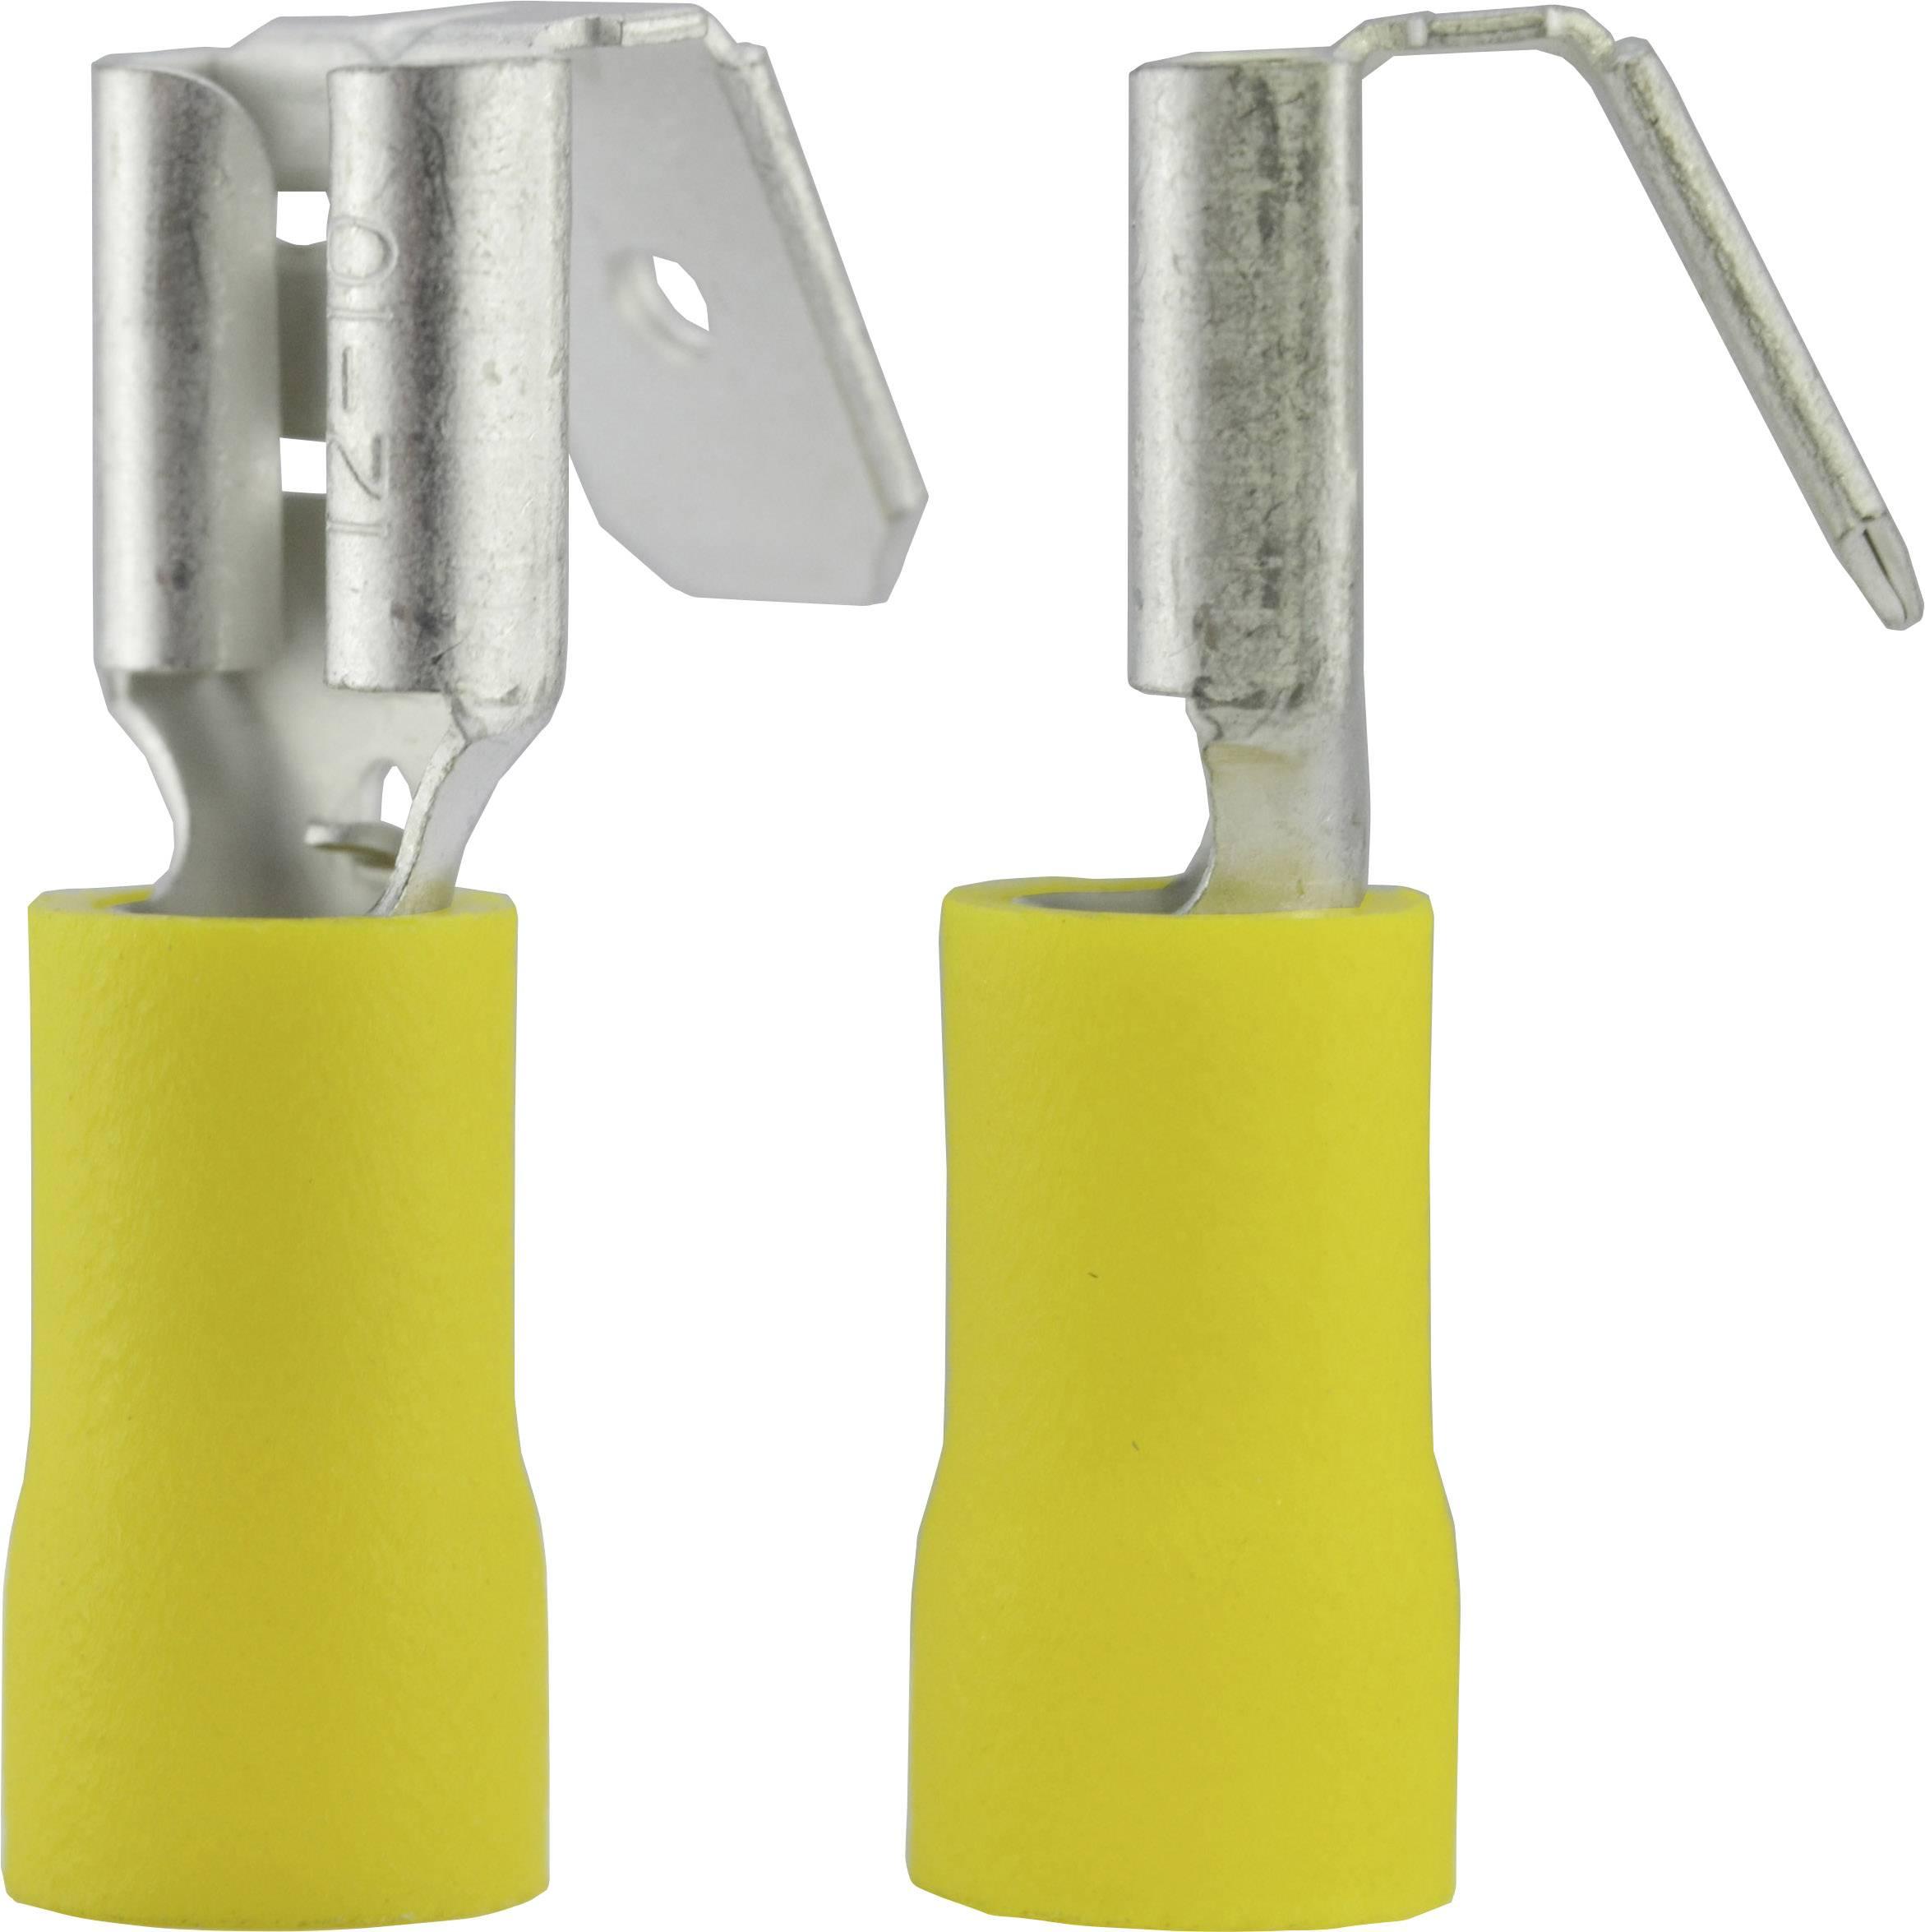 Faston konektor zásuvka Vogt Verbindungstechnik 3933S s vetvením , 6.3 mm x 0.8 mm, 180 °, čiastočne izolované, žltá, 1 ks